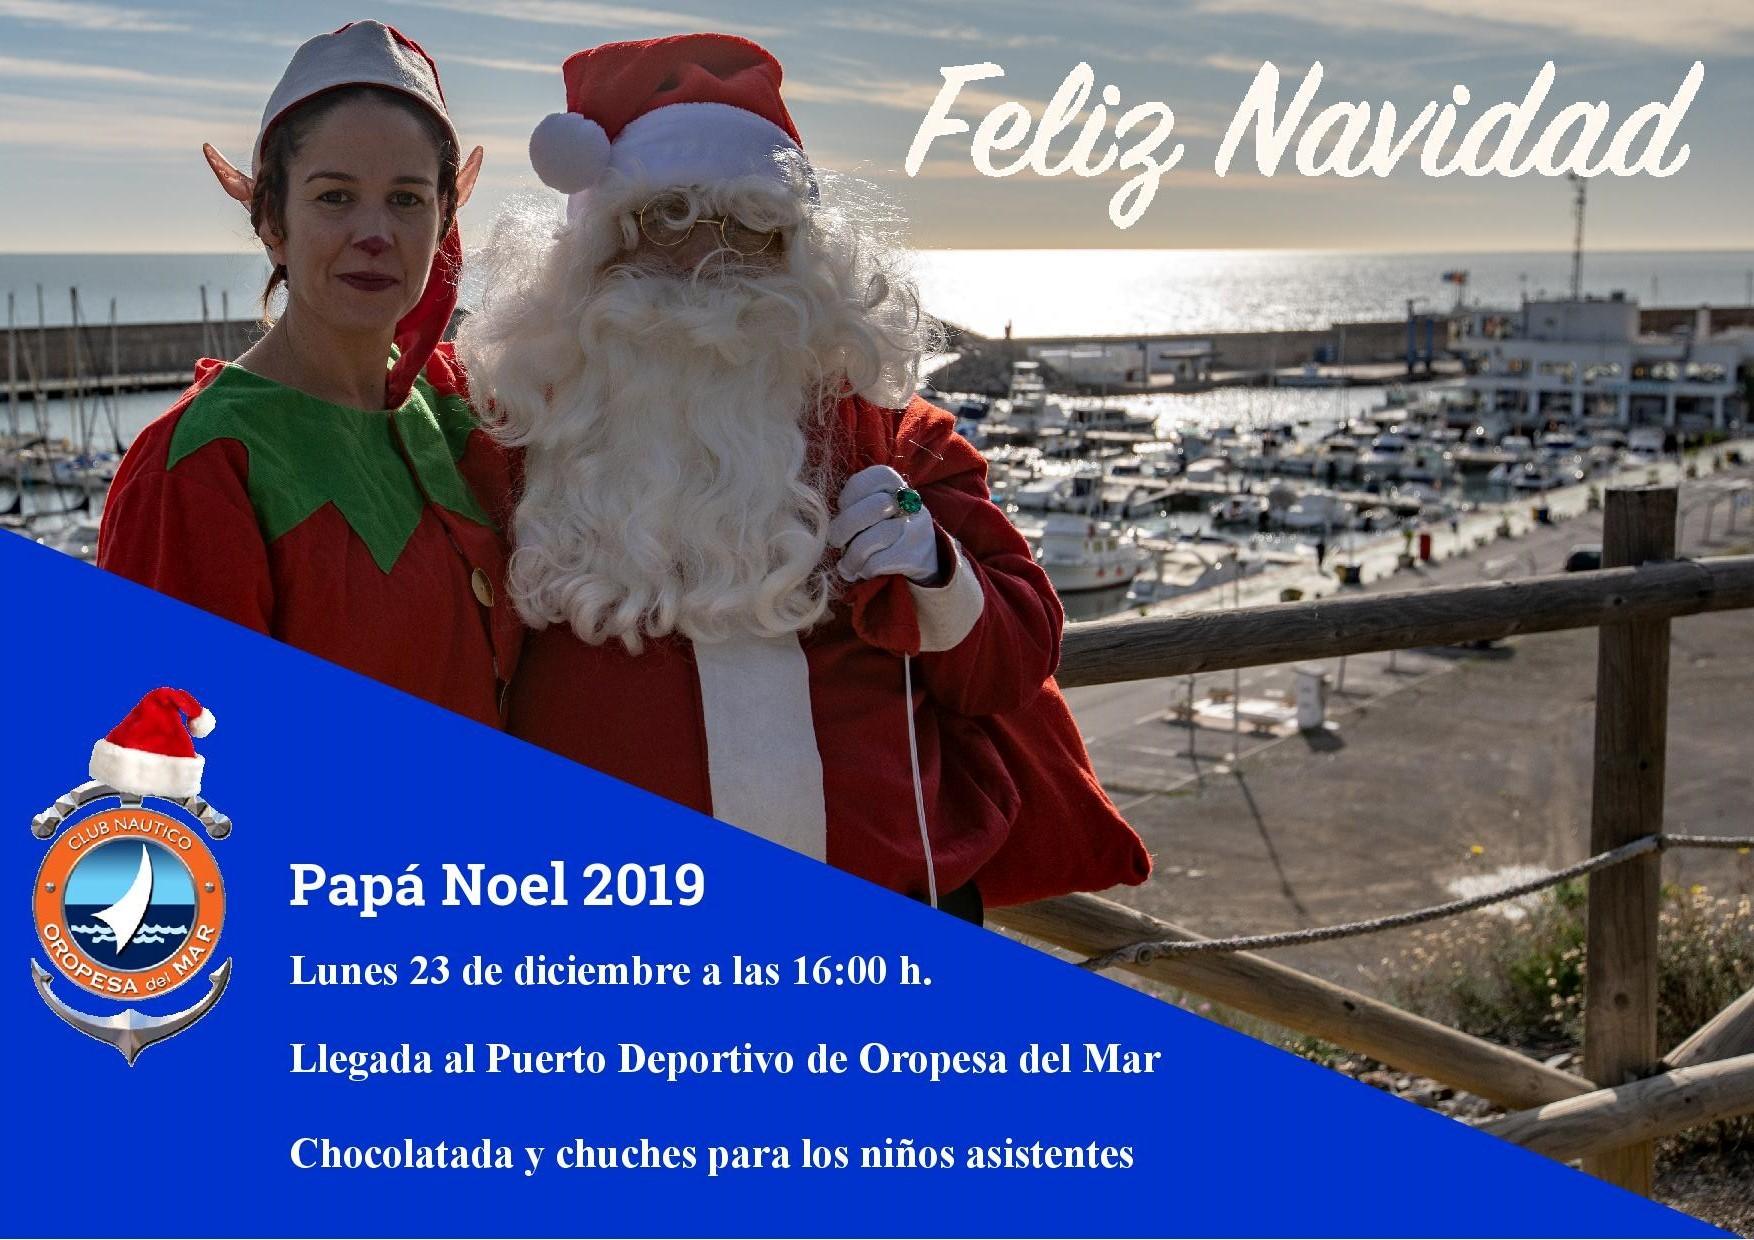 papa noel 2019 - Cena social 2019 CNOM